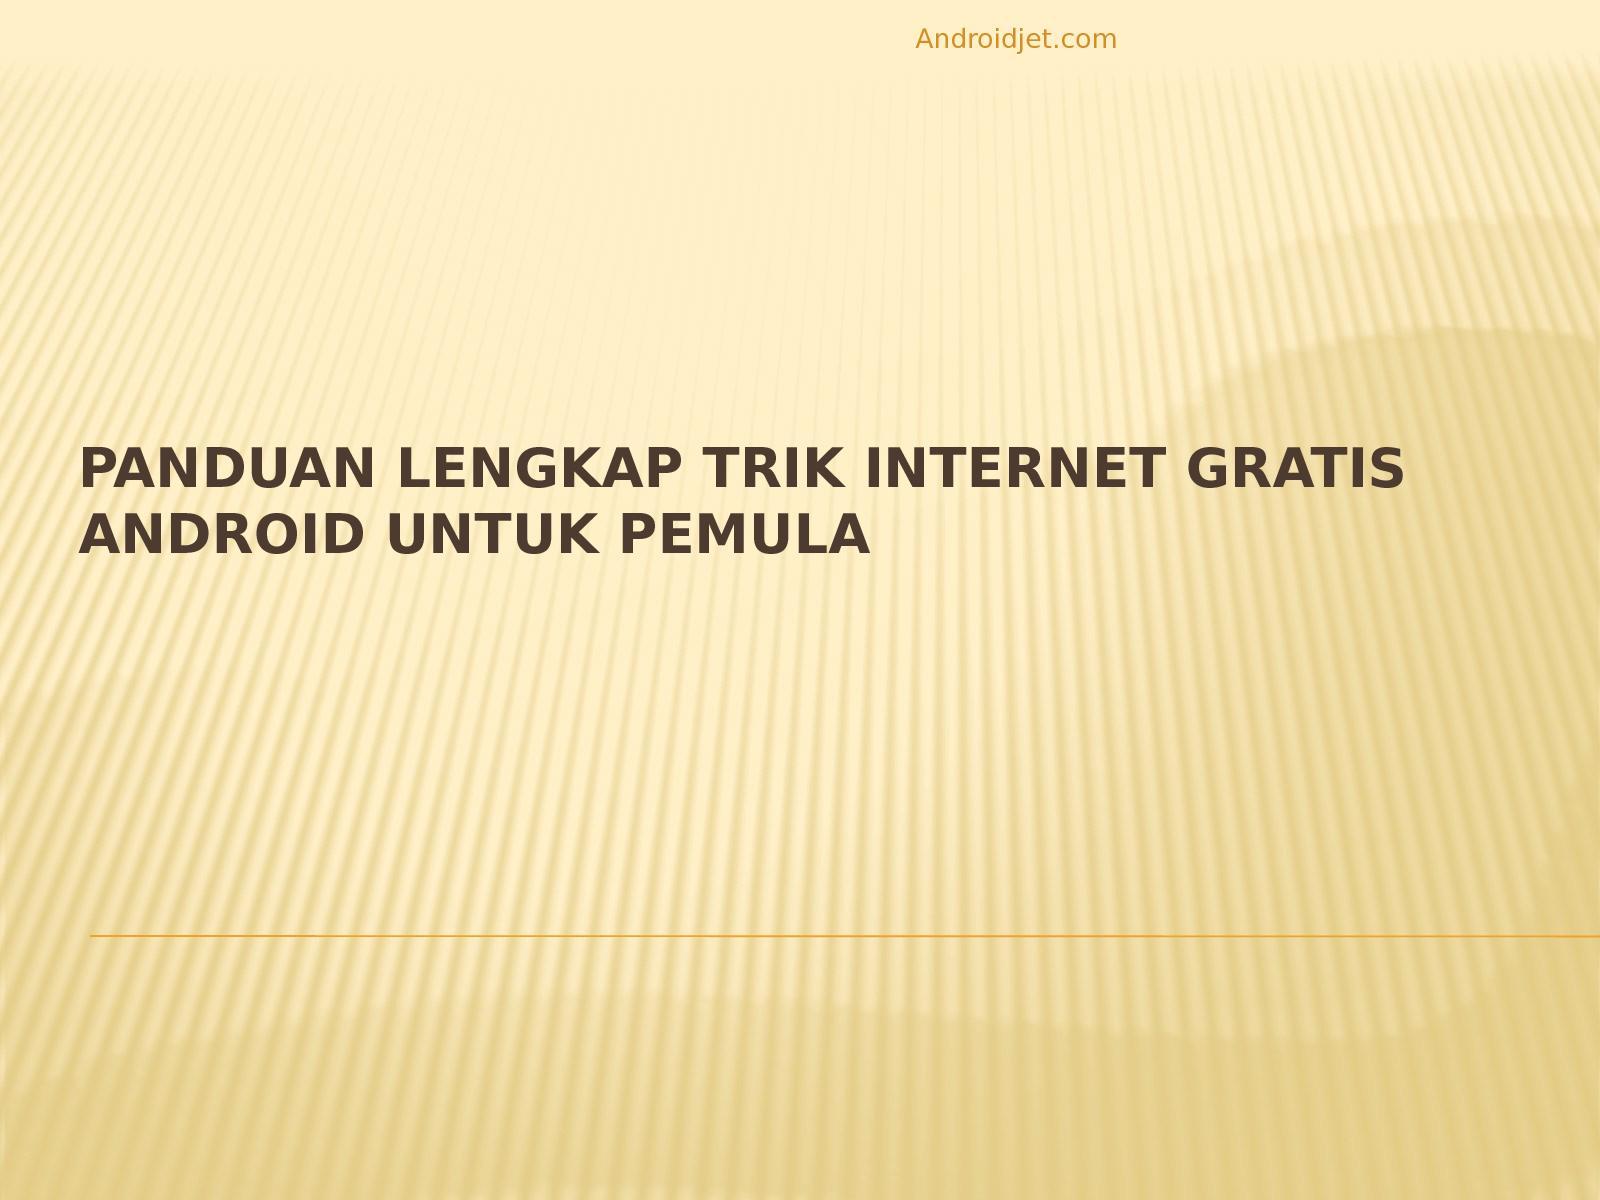 câștigurile pe internet androd 2 2 reklama